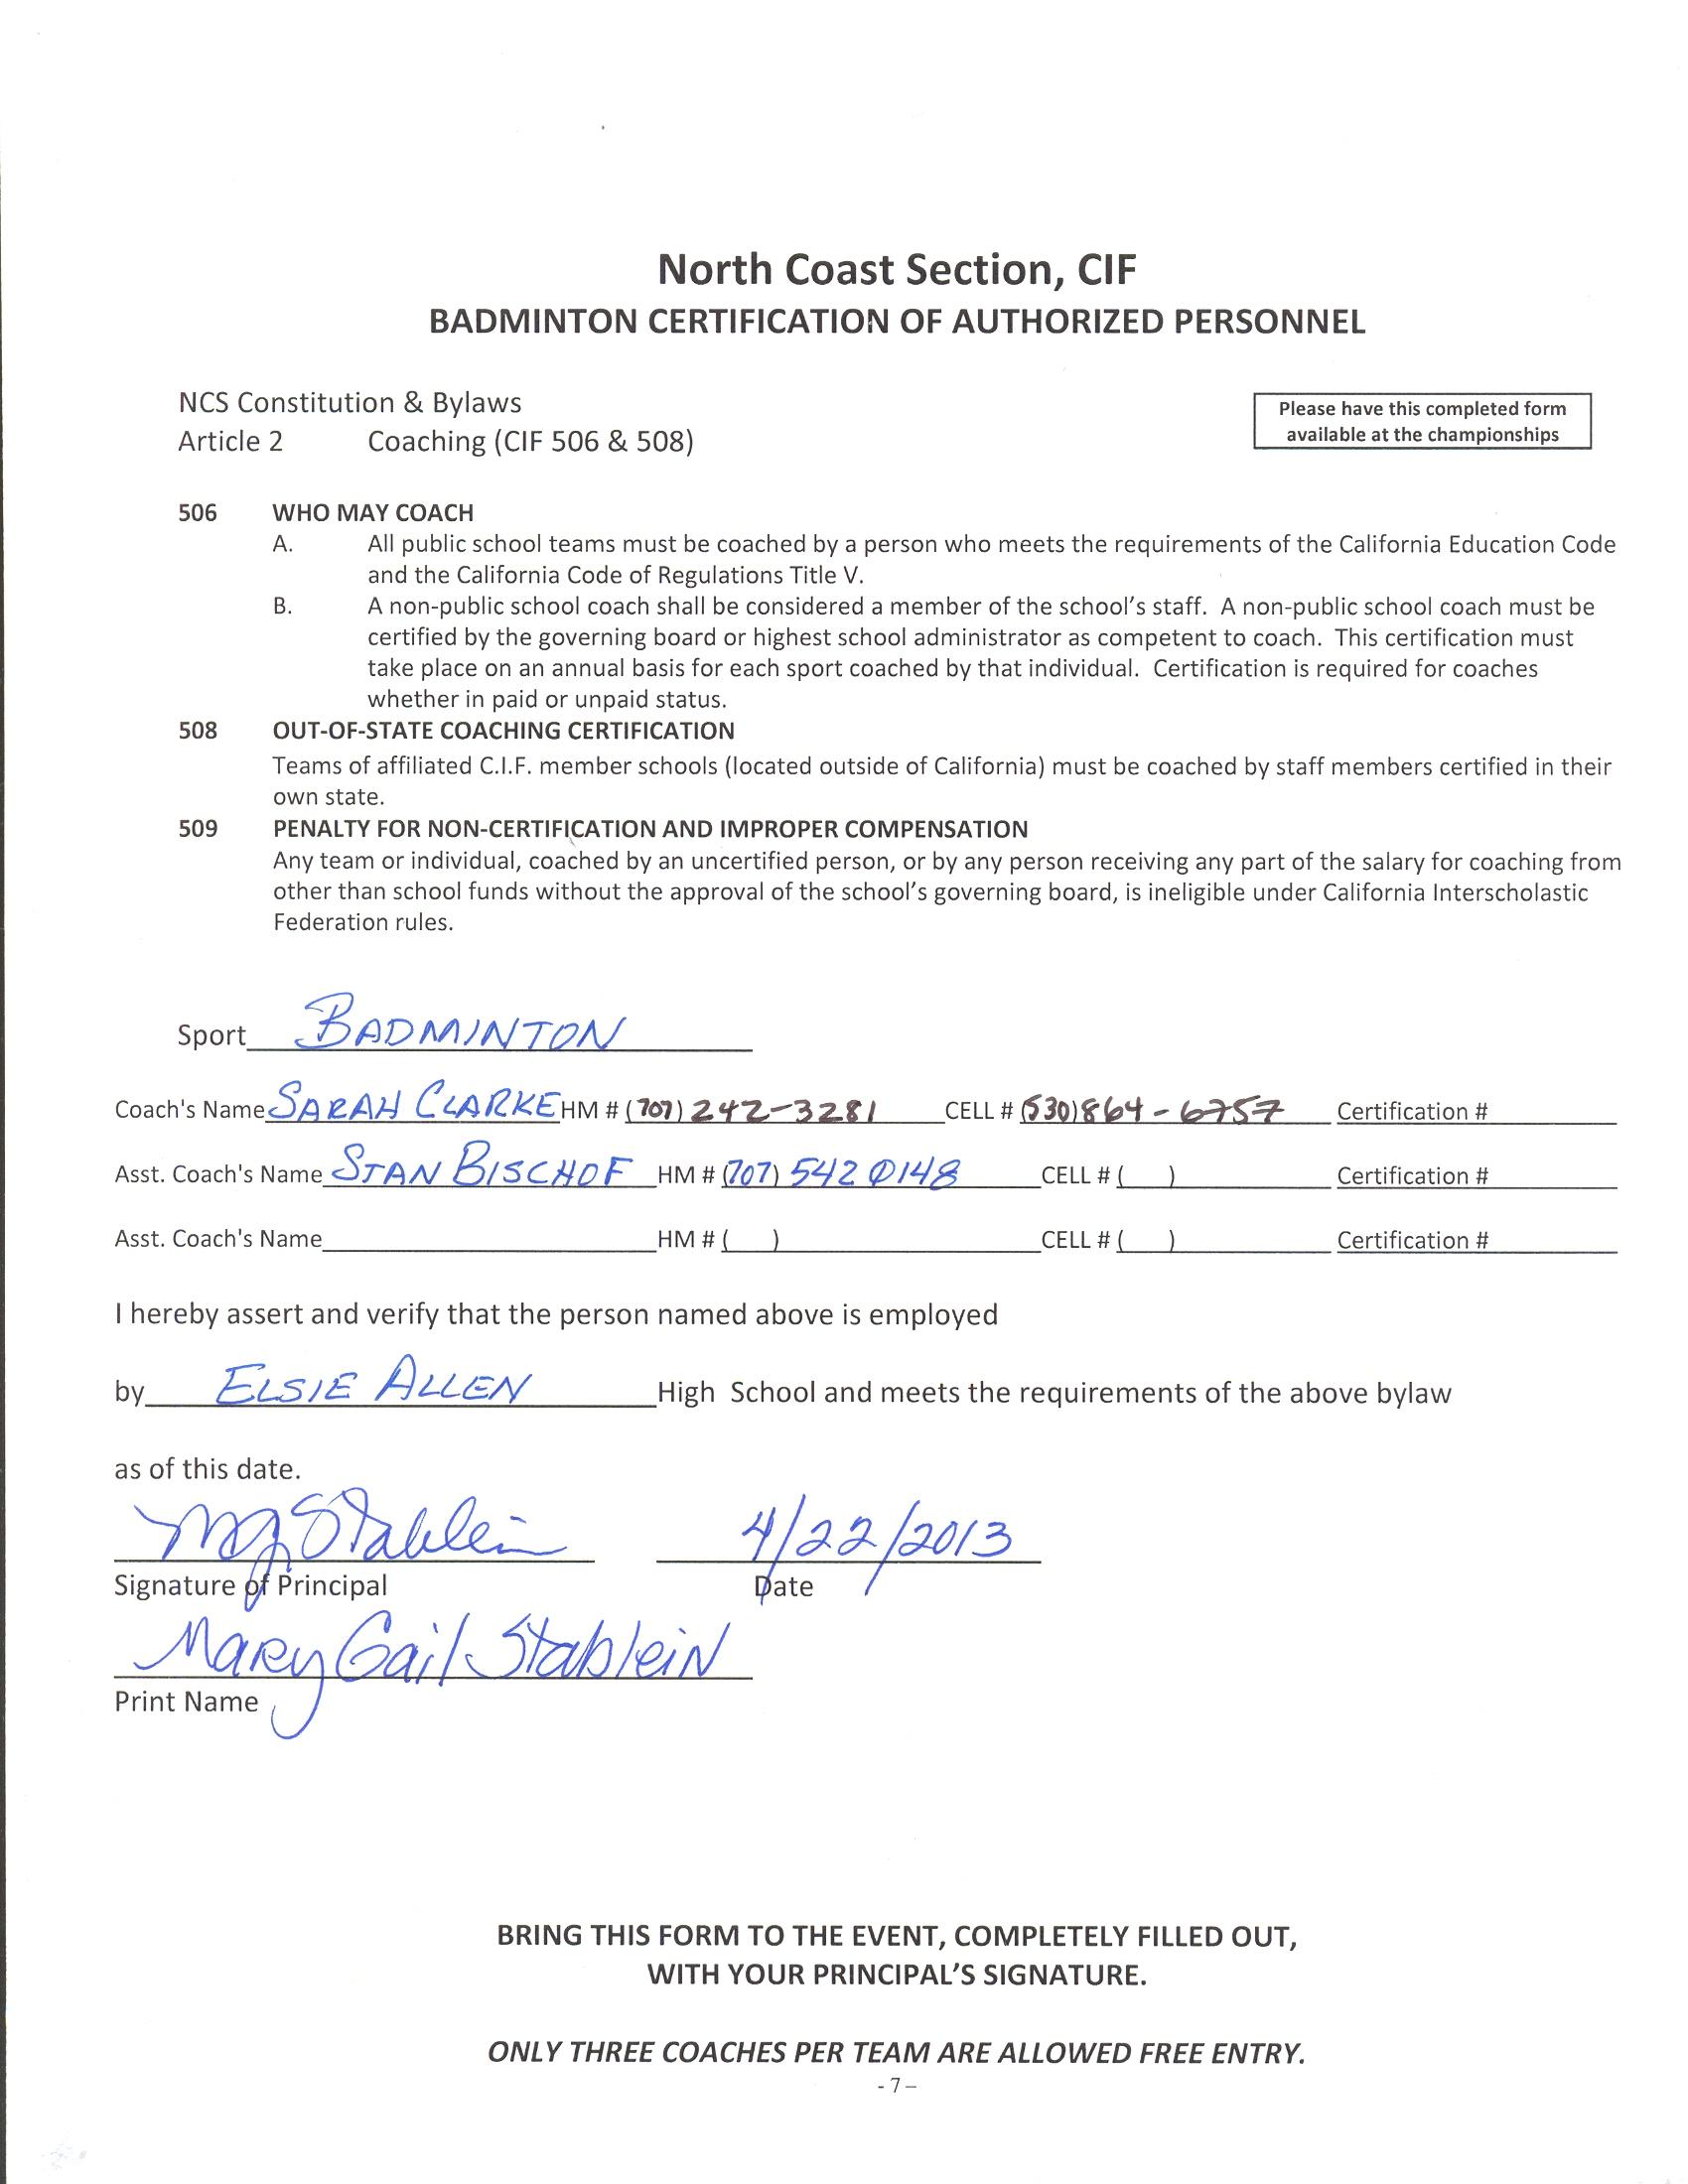 Stan bischof 2013 ncs coaching certifications xflitez Choice Image